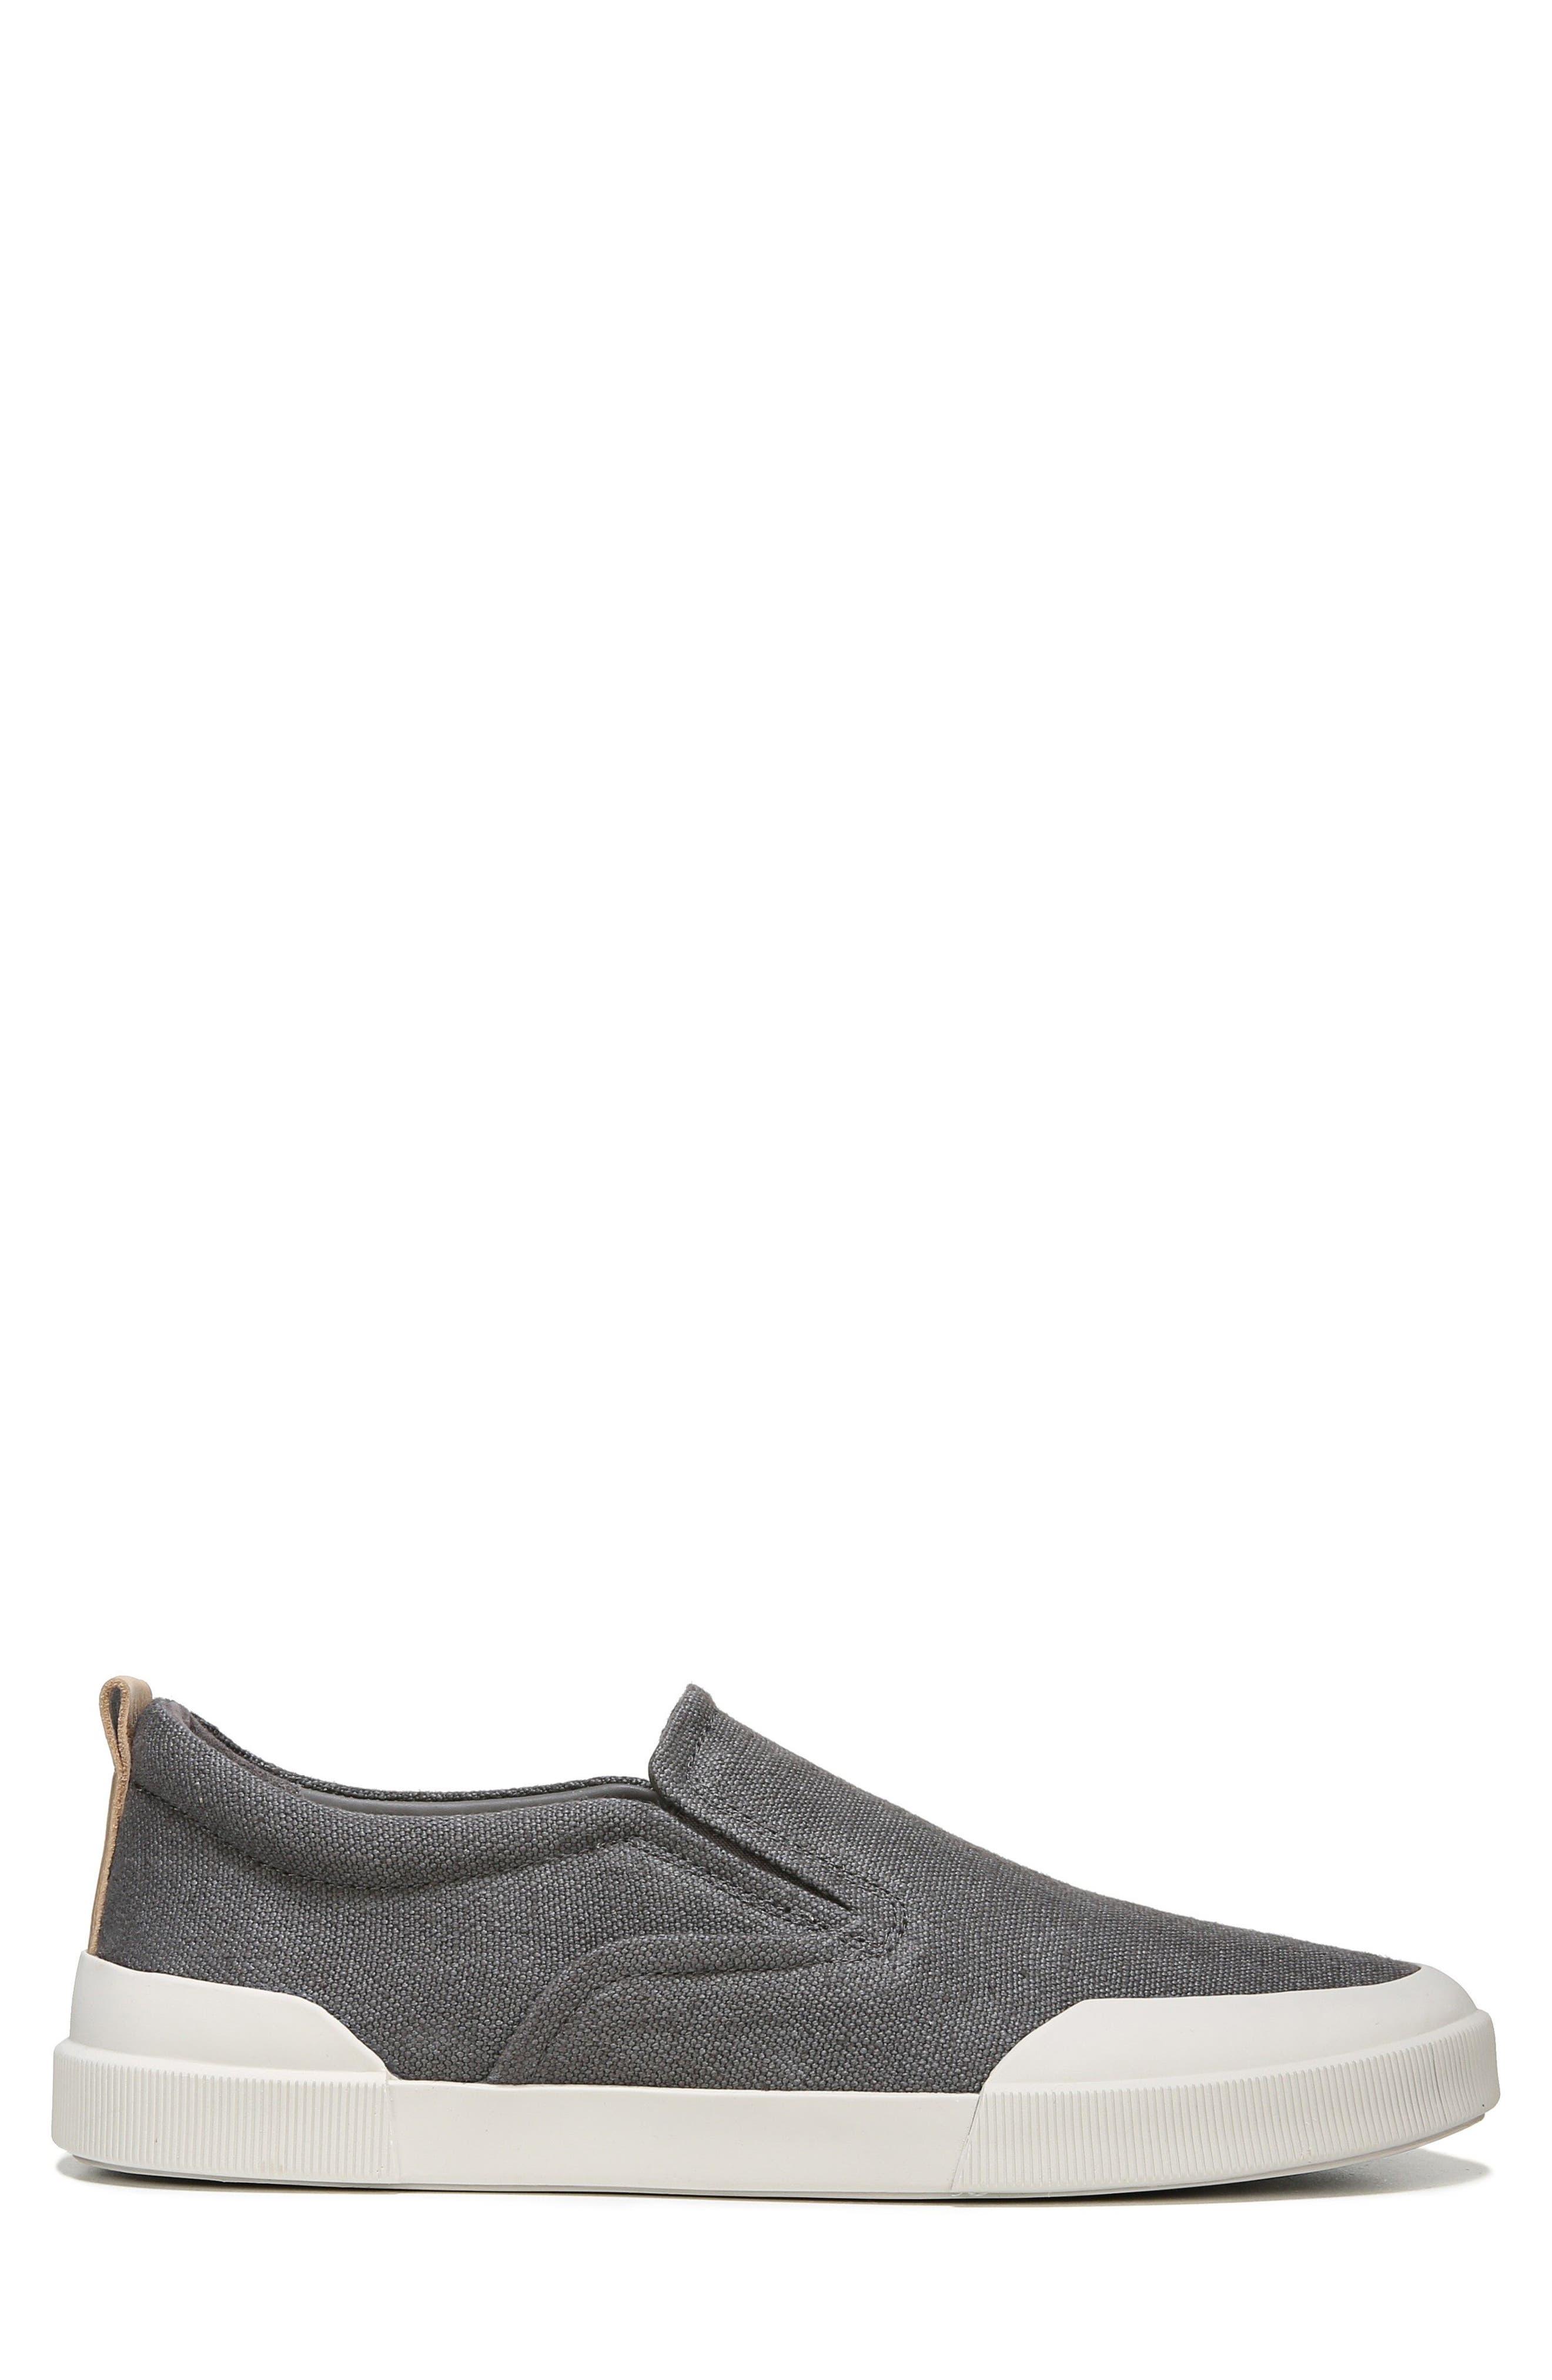 Vernon Slip-On Sneaker,                             Alternate thumbnail 9, color,